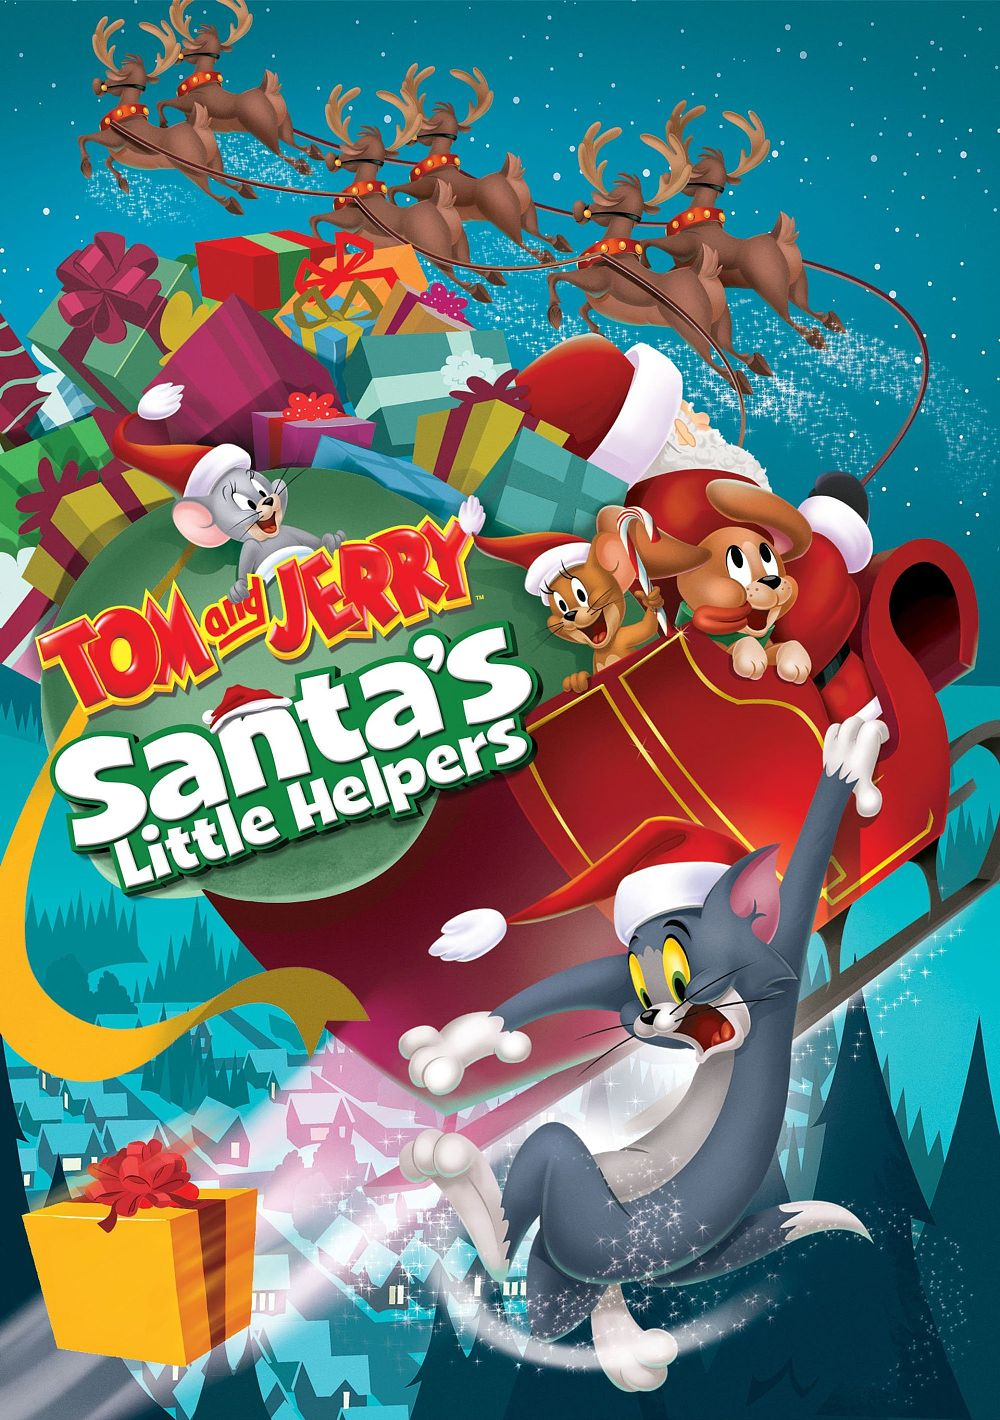 Tom i Jerry: Pomocnicy świętego Mikołaja